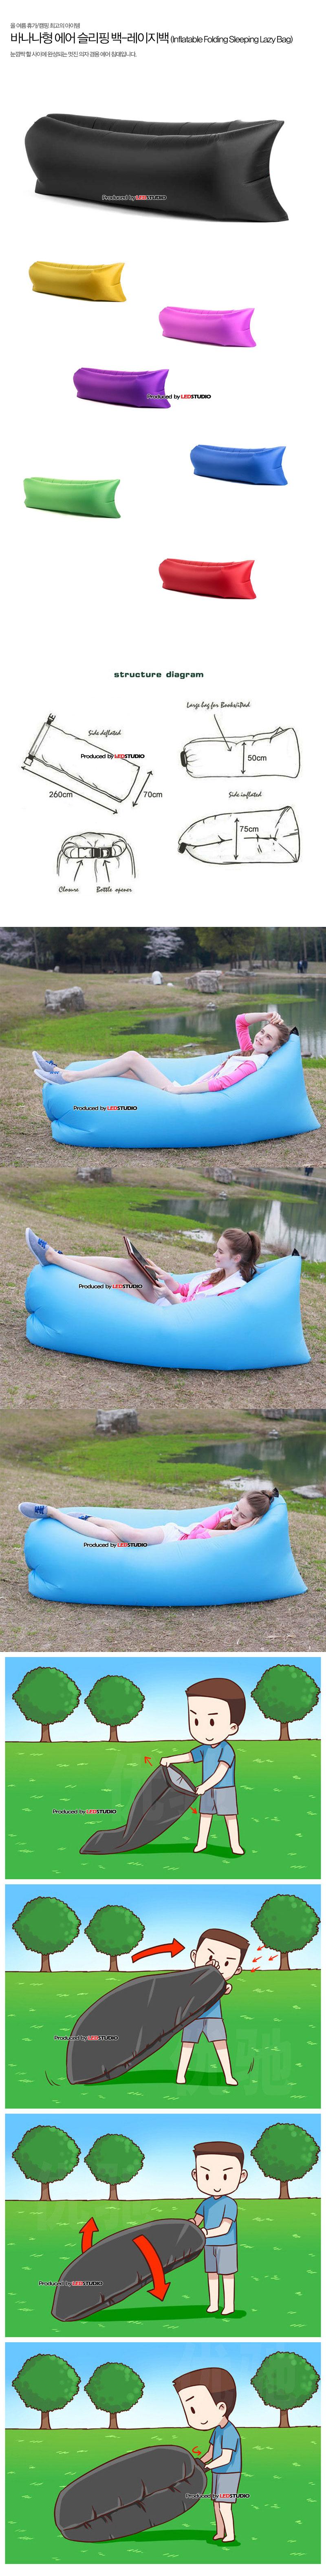 바나나형 에어 슬리핑백-레이지백 (Inflatable Folding Sleeping Lazy Bag)